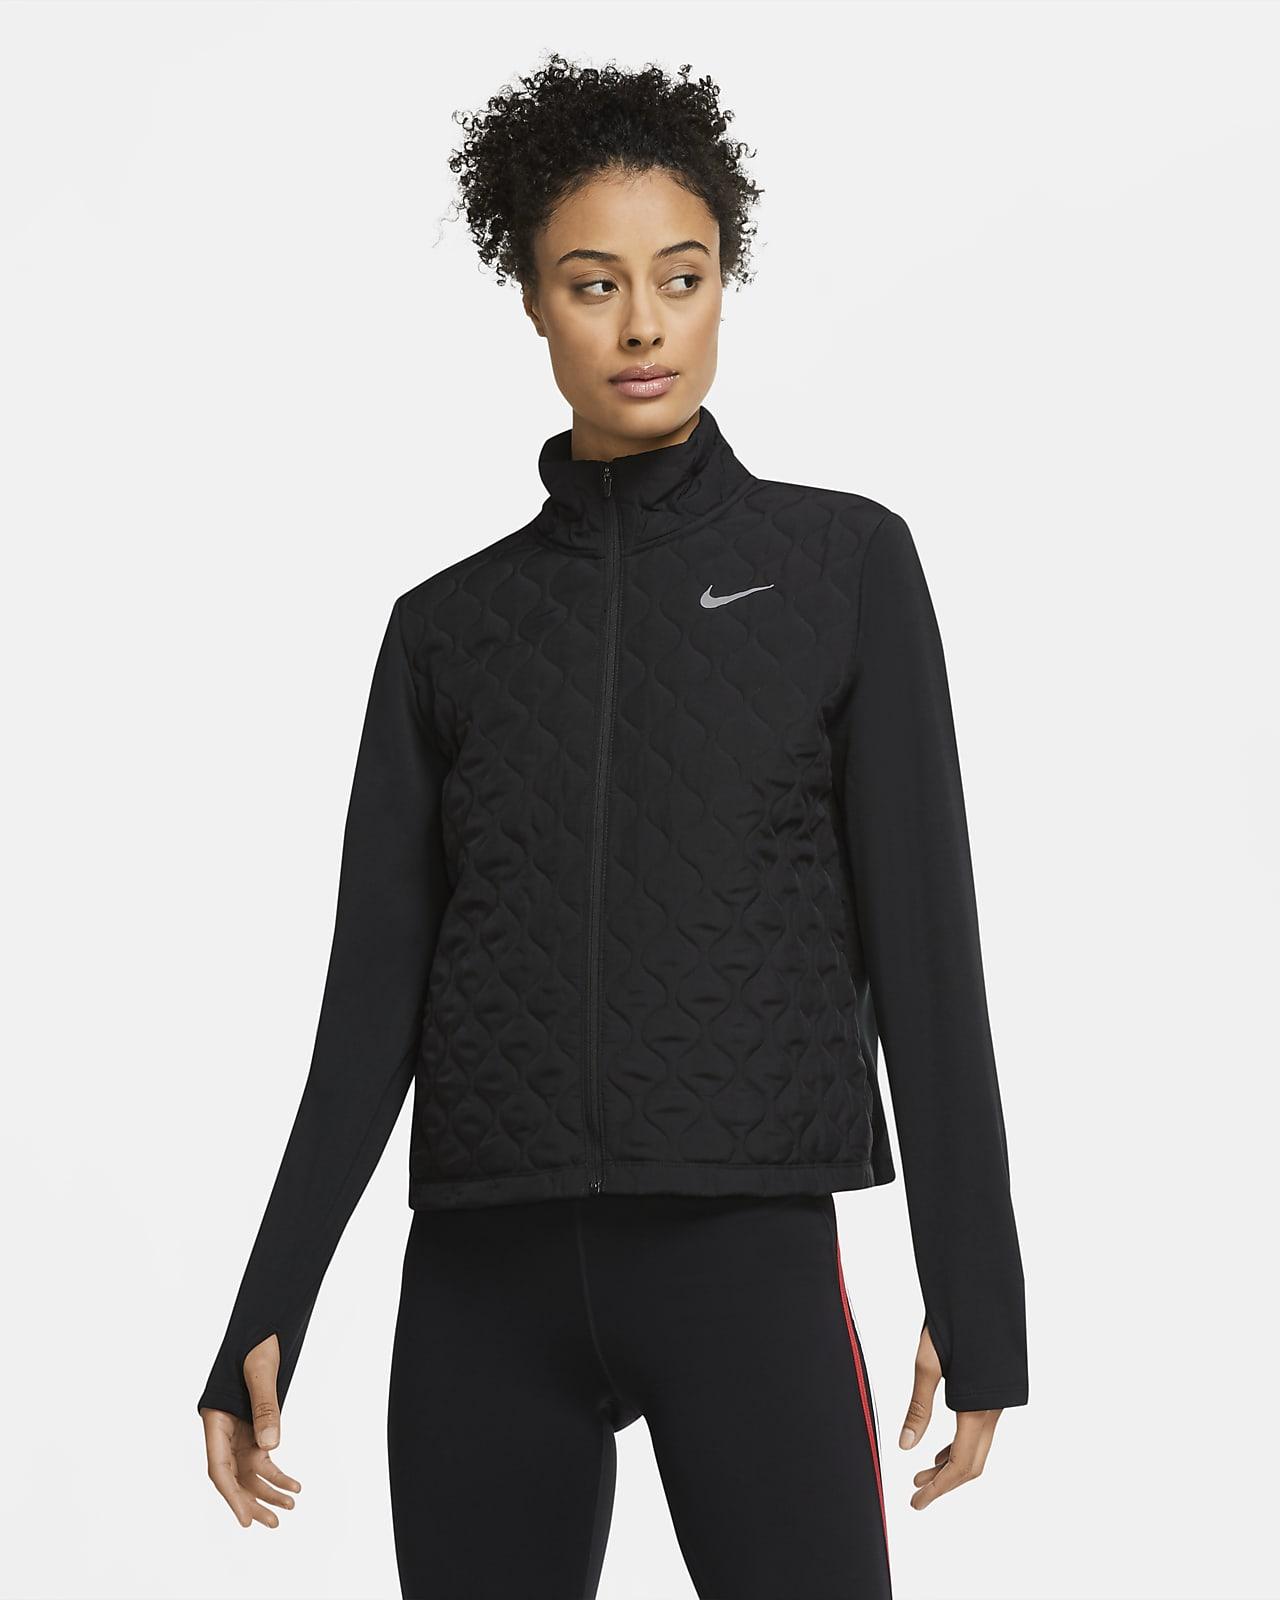 Nike AeroLayer Women's Running Jacket